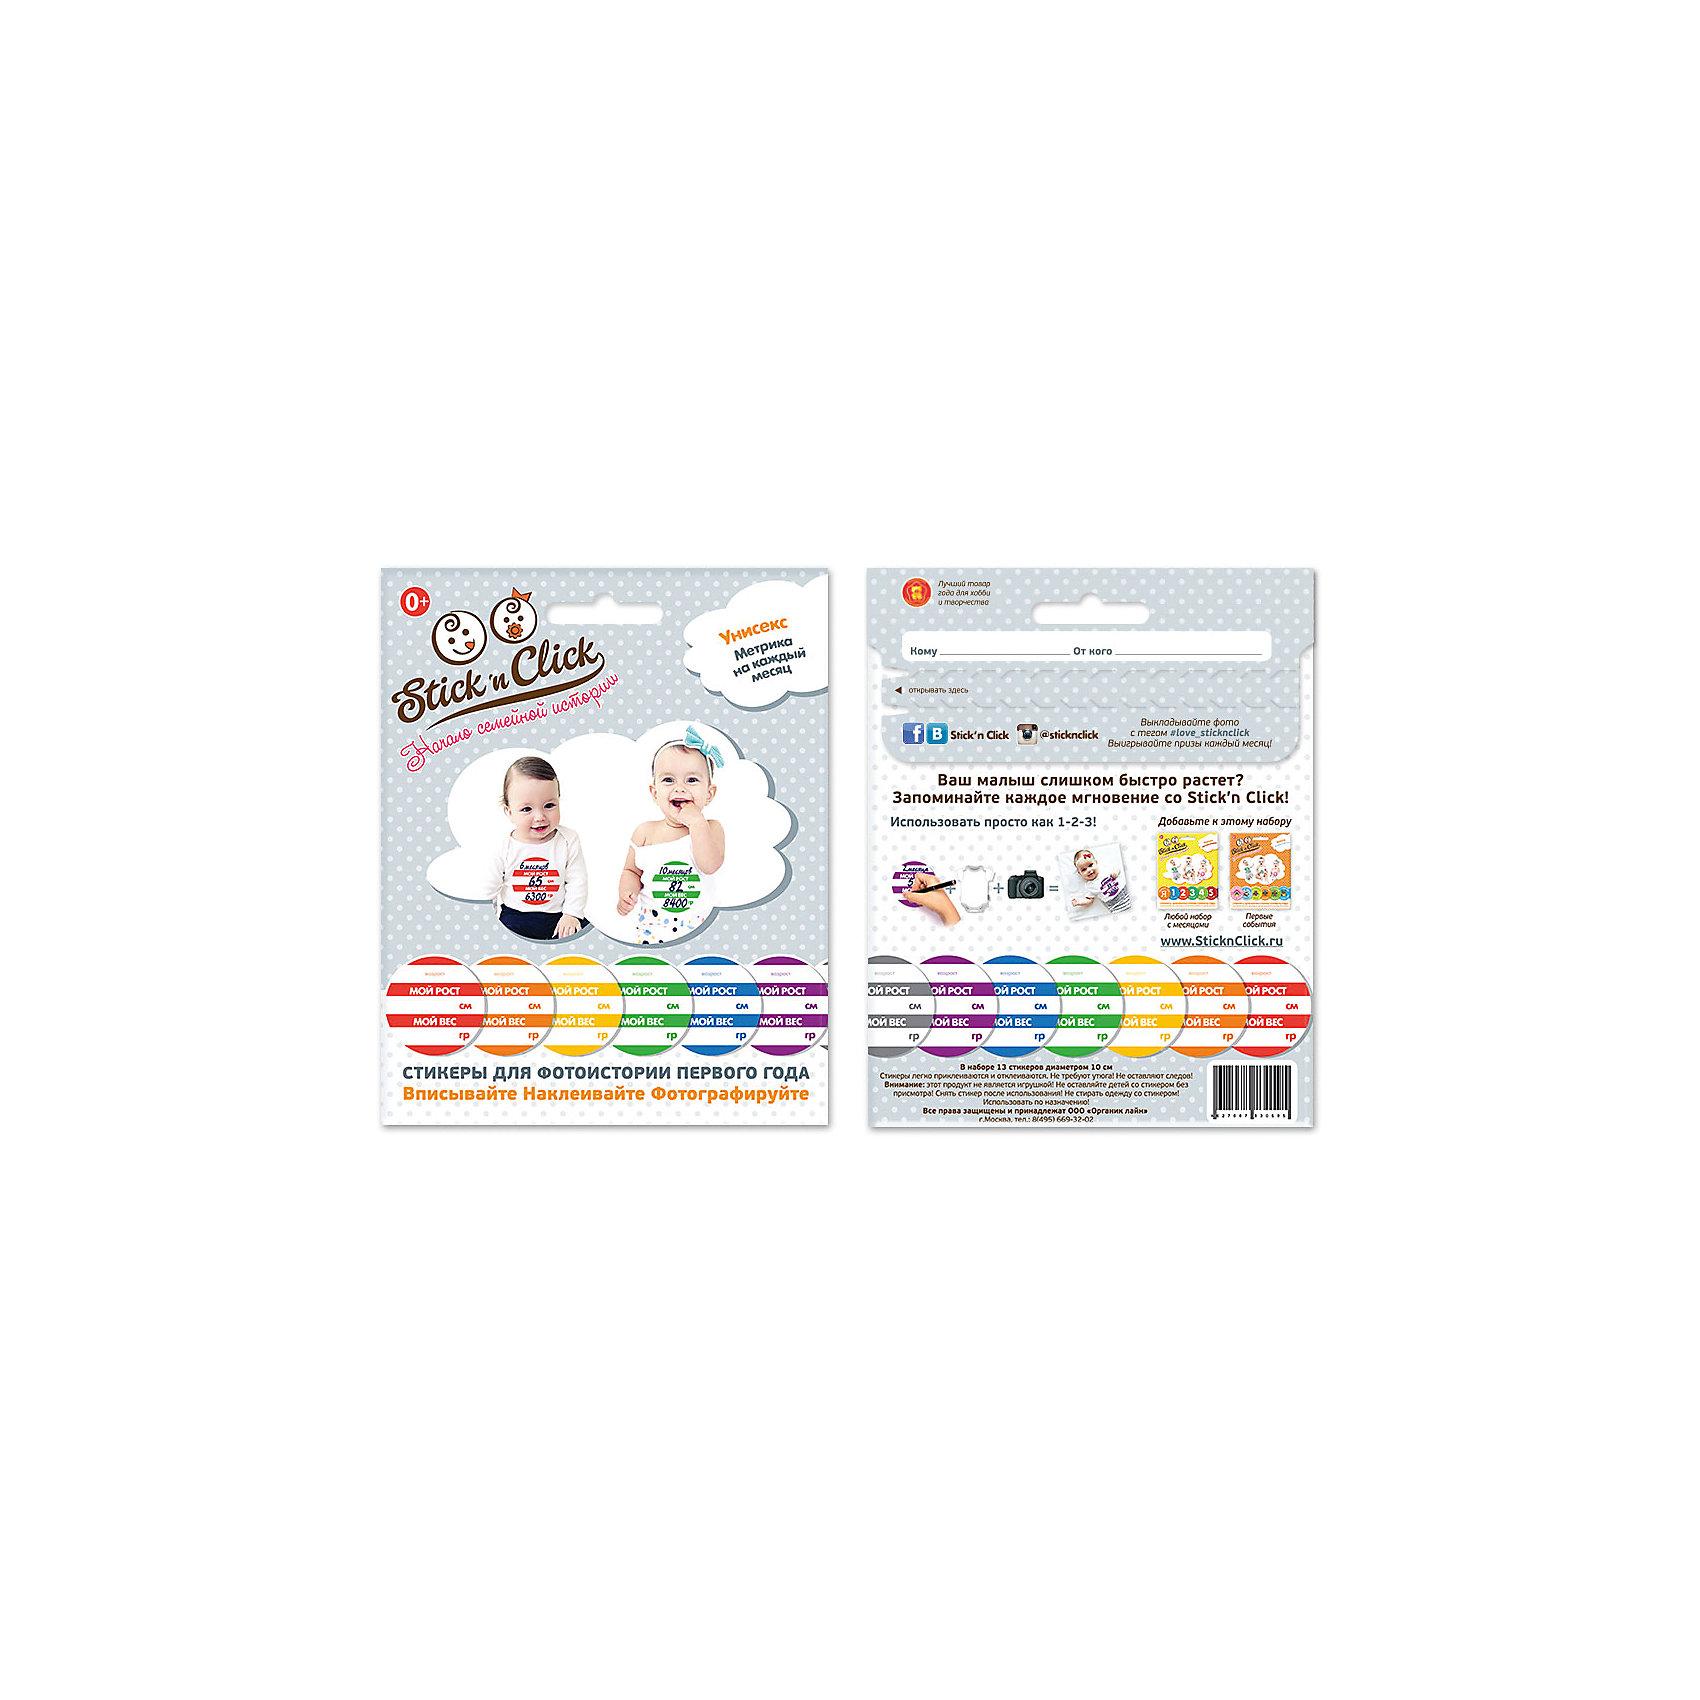 Набор стикеров Метрика на каждый месяц, Stick'n ClickТворчество для малышей<br>Набор стикеров Метрика на каждый месяц, Stick'n Click (Стик эн Клик).<br><br>Характеристики:<br><br>• В наборе: 13 стикеров<br>• Диаметр стикера: 10 см.<br>• Материал: бумага, картон<br><br>Набор стикеров «Метрика на каждый месяц» Stick'n Click - это просто необходимый набор для любящих родителей, который поможет сохранить в памяти, как быстро растет и меняется малыш. Теперь все изменения в росте и весе будут записаны, запечатлены на фото и сохранены для семейной истории. Наклеивайте, фотографируйте, создавайте коллажи, размещайте в социальных сетях. <br><br>Ваш малыш и Ваше креативное решение будут оценены по достоинству и станут объектом внимания и обсуждения. В наборе 13 наклеек диаметром 10 см. Наклейки легко приклеиваются на одежду и также легко отклеиваются. Не требуют утюга, не оставляют следов и пятен.<br><br>Набор стикеров Метрика на каждый месяц, Stick'n Click (Стик эн Клик) можно купить в нашем интернет-магазине.<br><br>Ширина мм: 150<br>Глубина мм: 120<br>Высота мм: 50<br>Вес г: 40<br>Возраст от месяцев: 12<br>Возраст до месяцев: 36<br>Пол: Унисекс<br>Возраст: Детский<br>SKU: 5454157